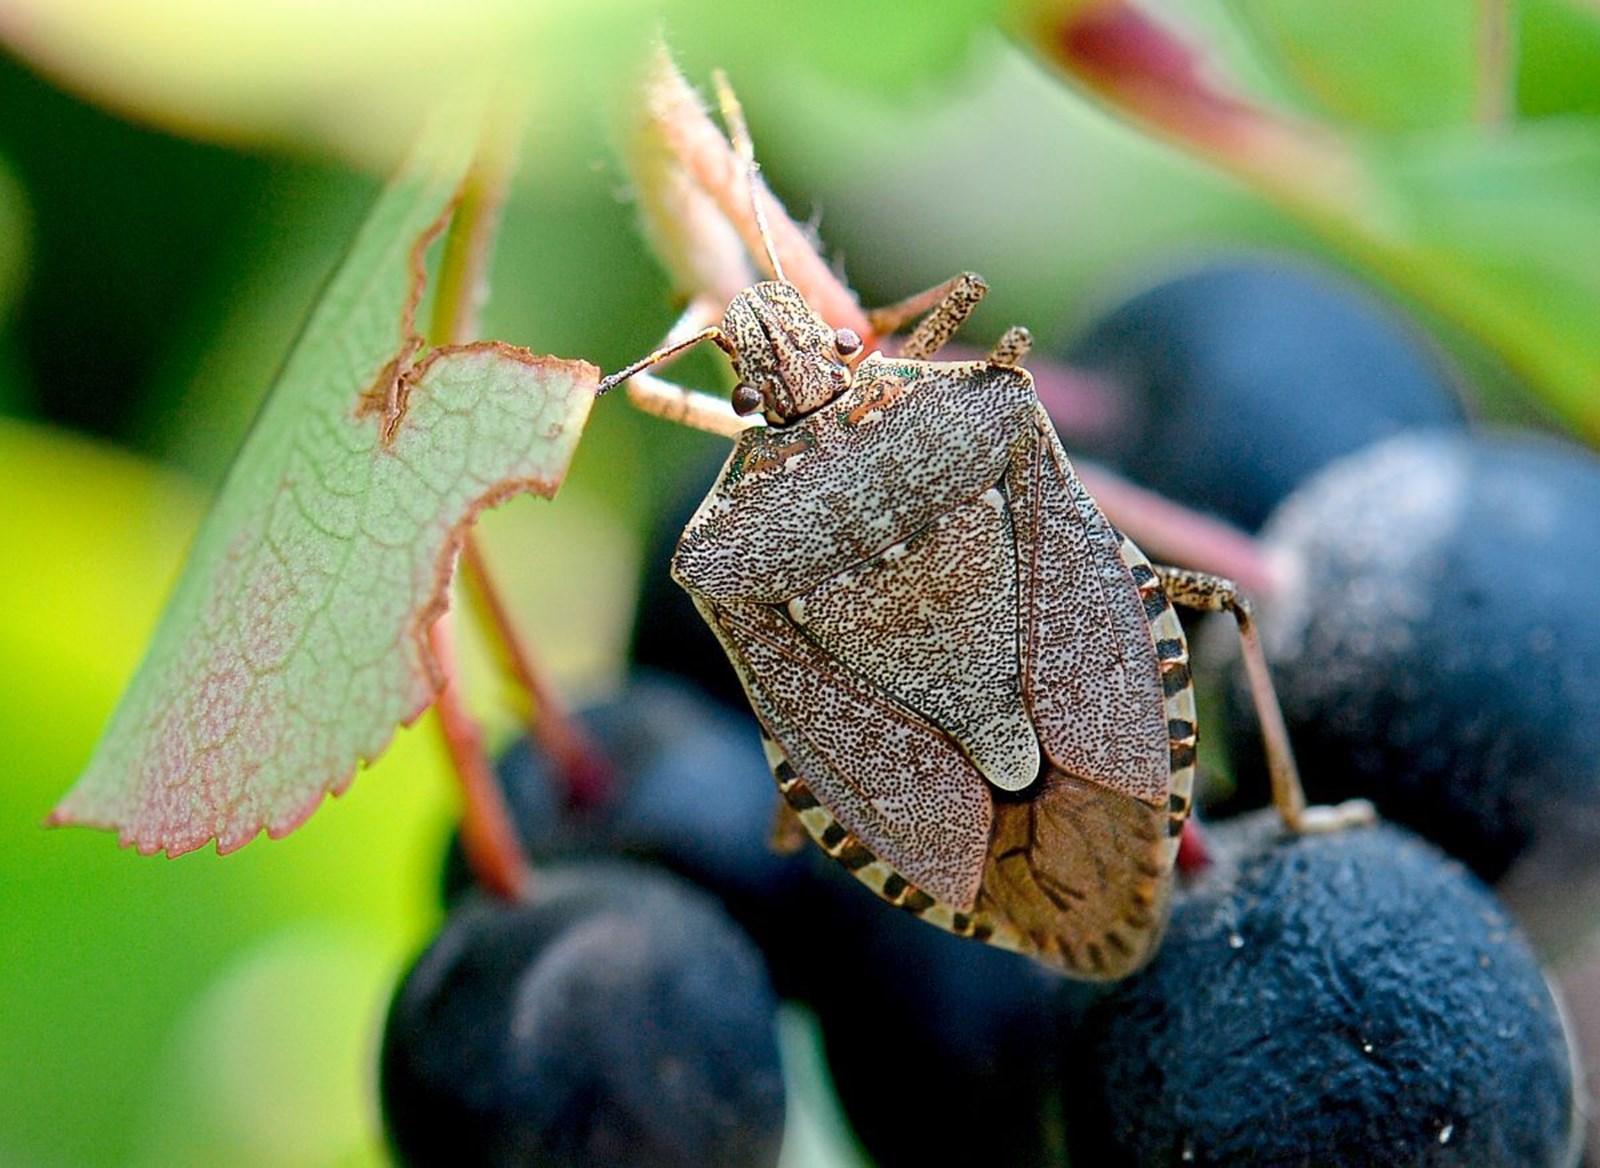 Baumwanzen, Buschmücken & Co: Lästwanzen und andere Ungustln